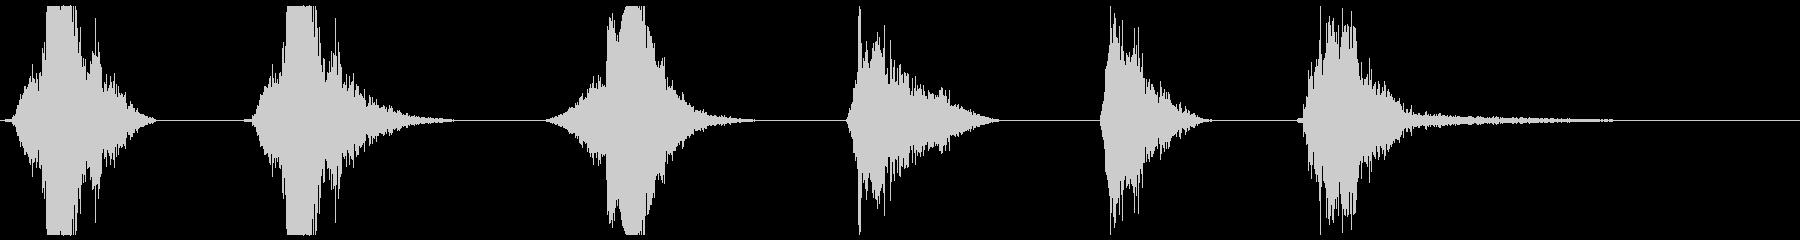 爆発的影響X6の未再生の波形